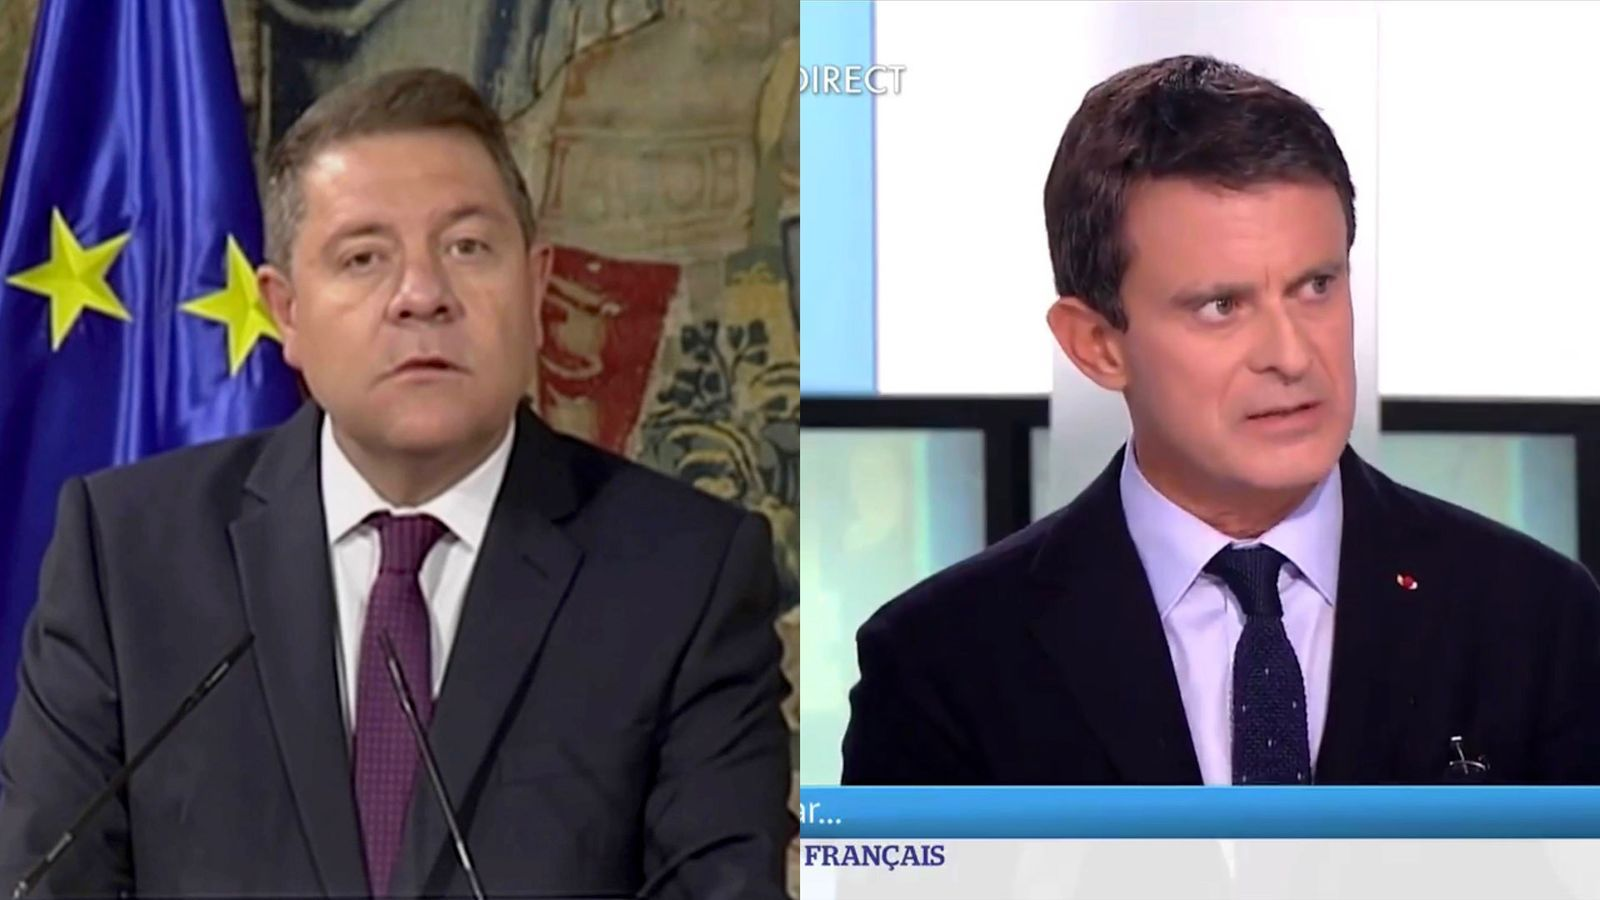 L'anàlisi d'Antoni Bassas: 'García-Page, Manuel Valls i les llengües'